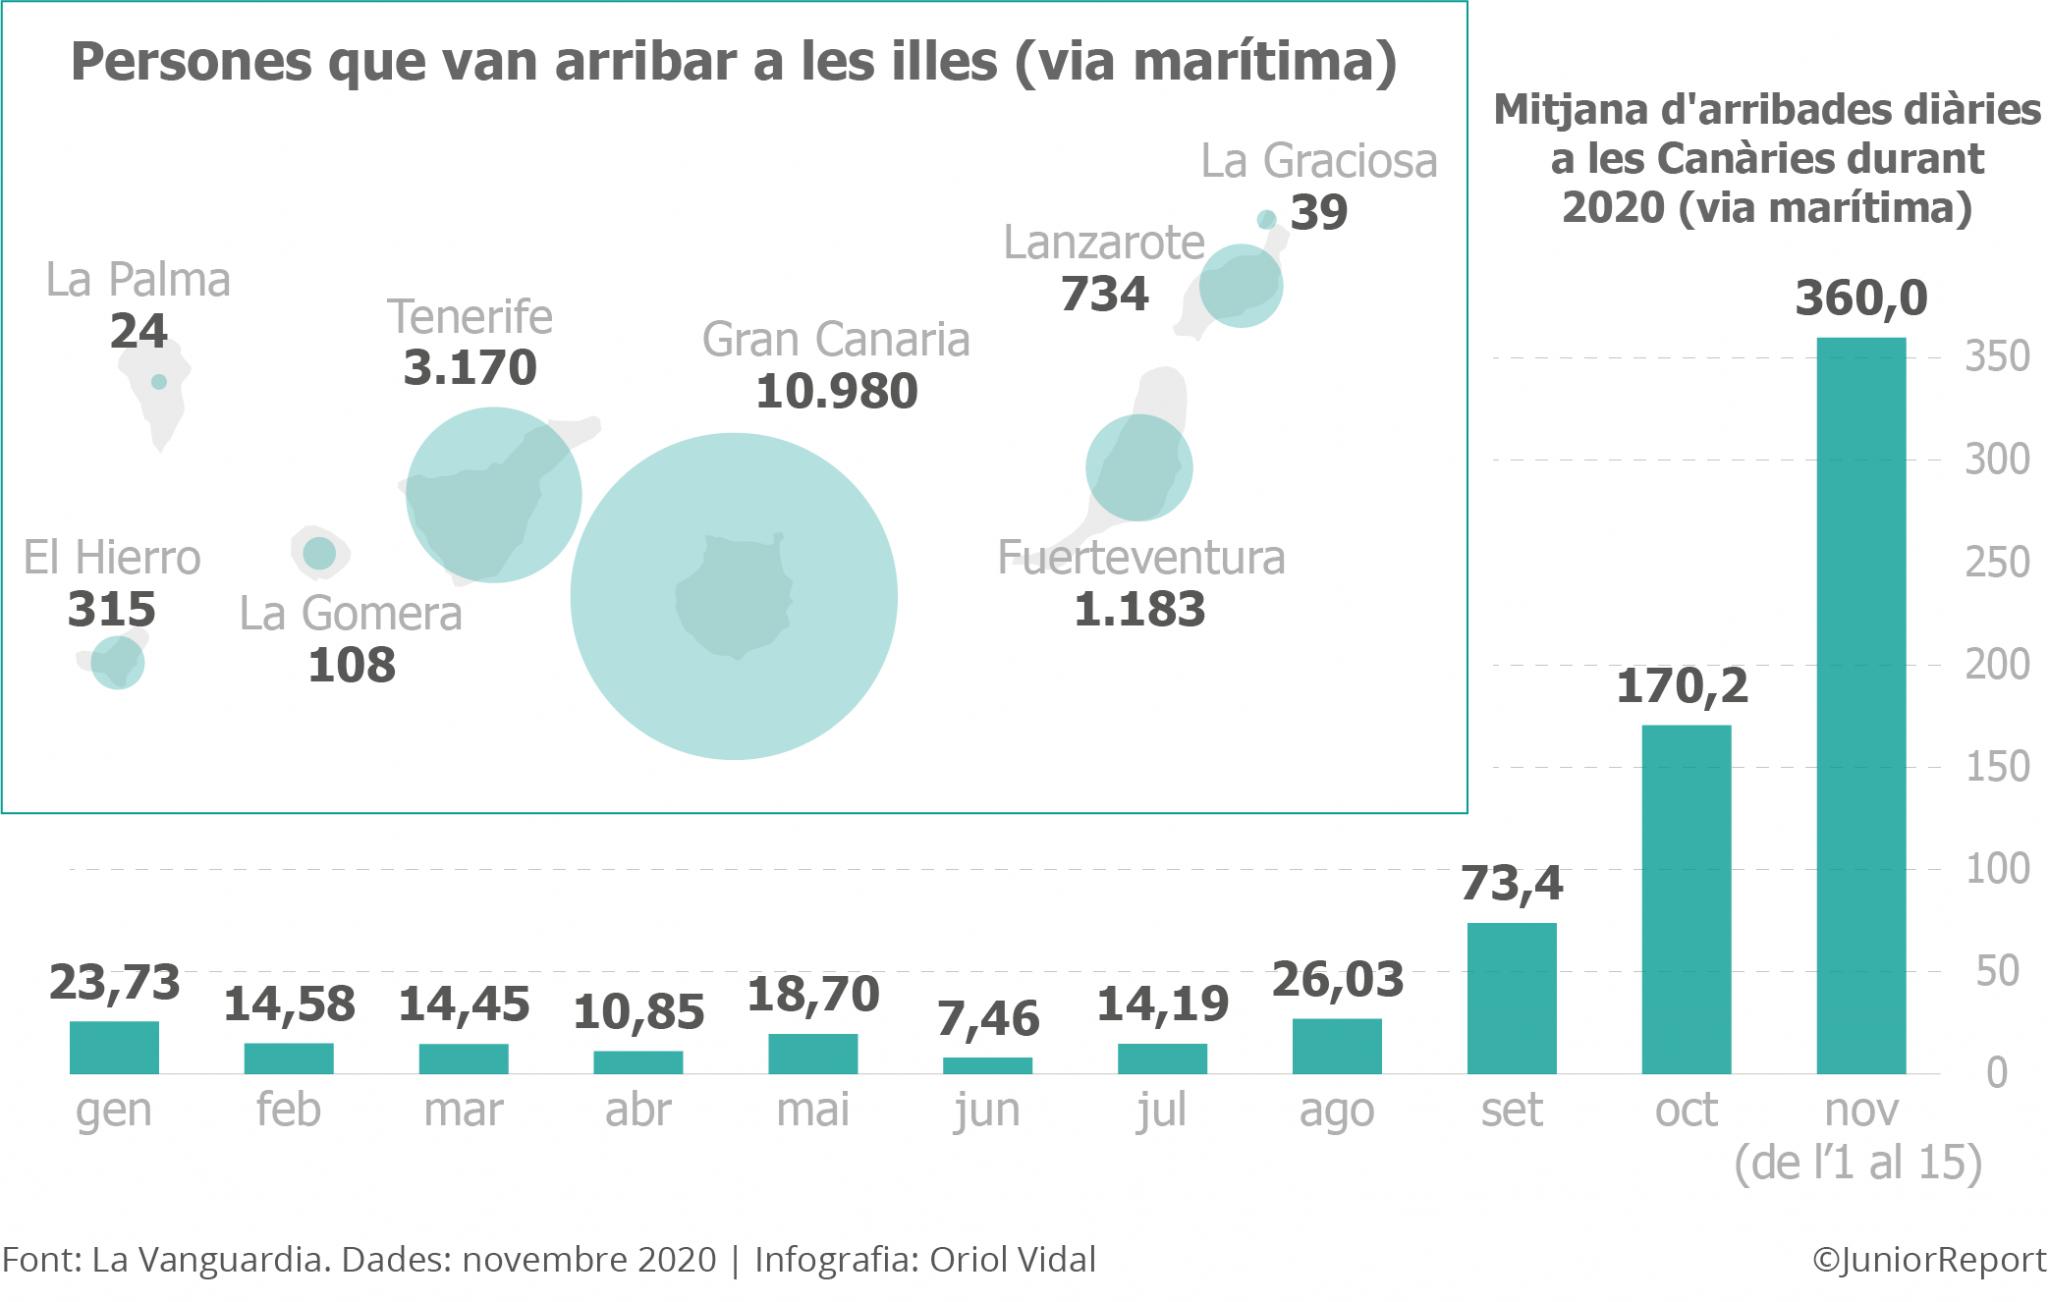 Evolució de les arribades de migrants a les illes Canàries a finals de l'any 2020